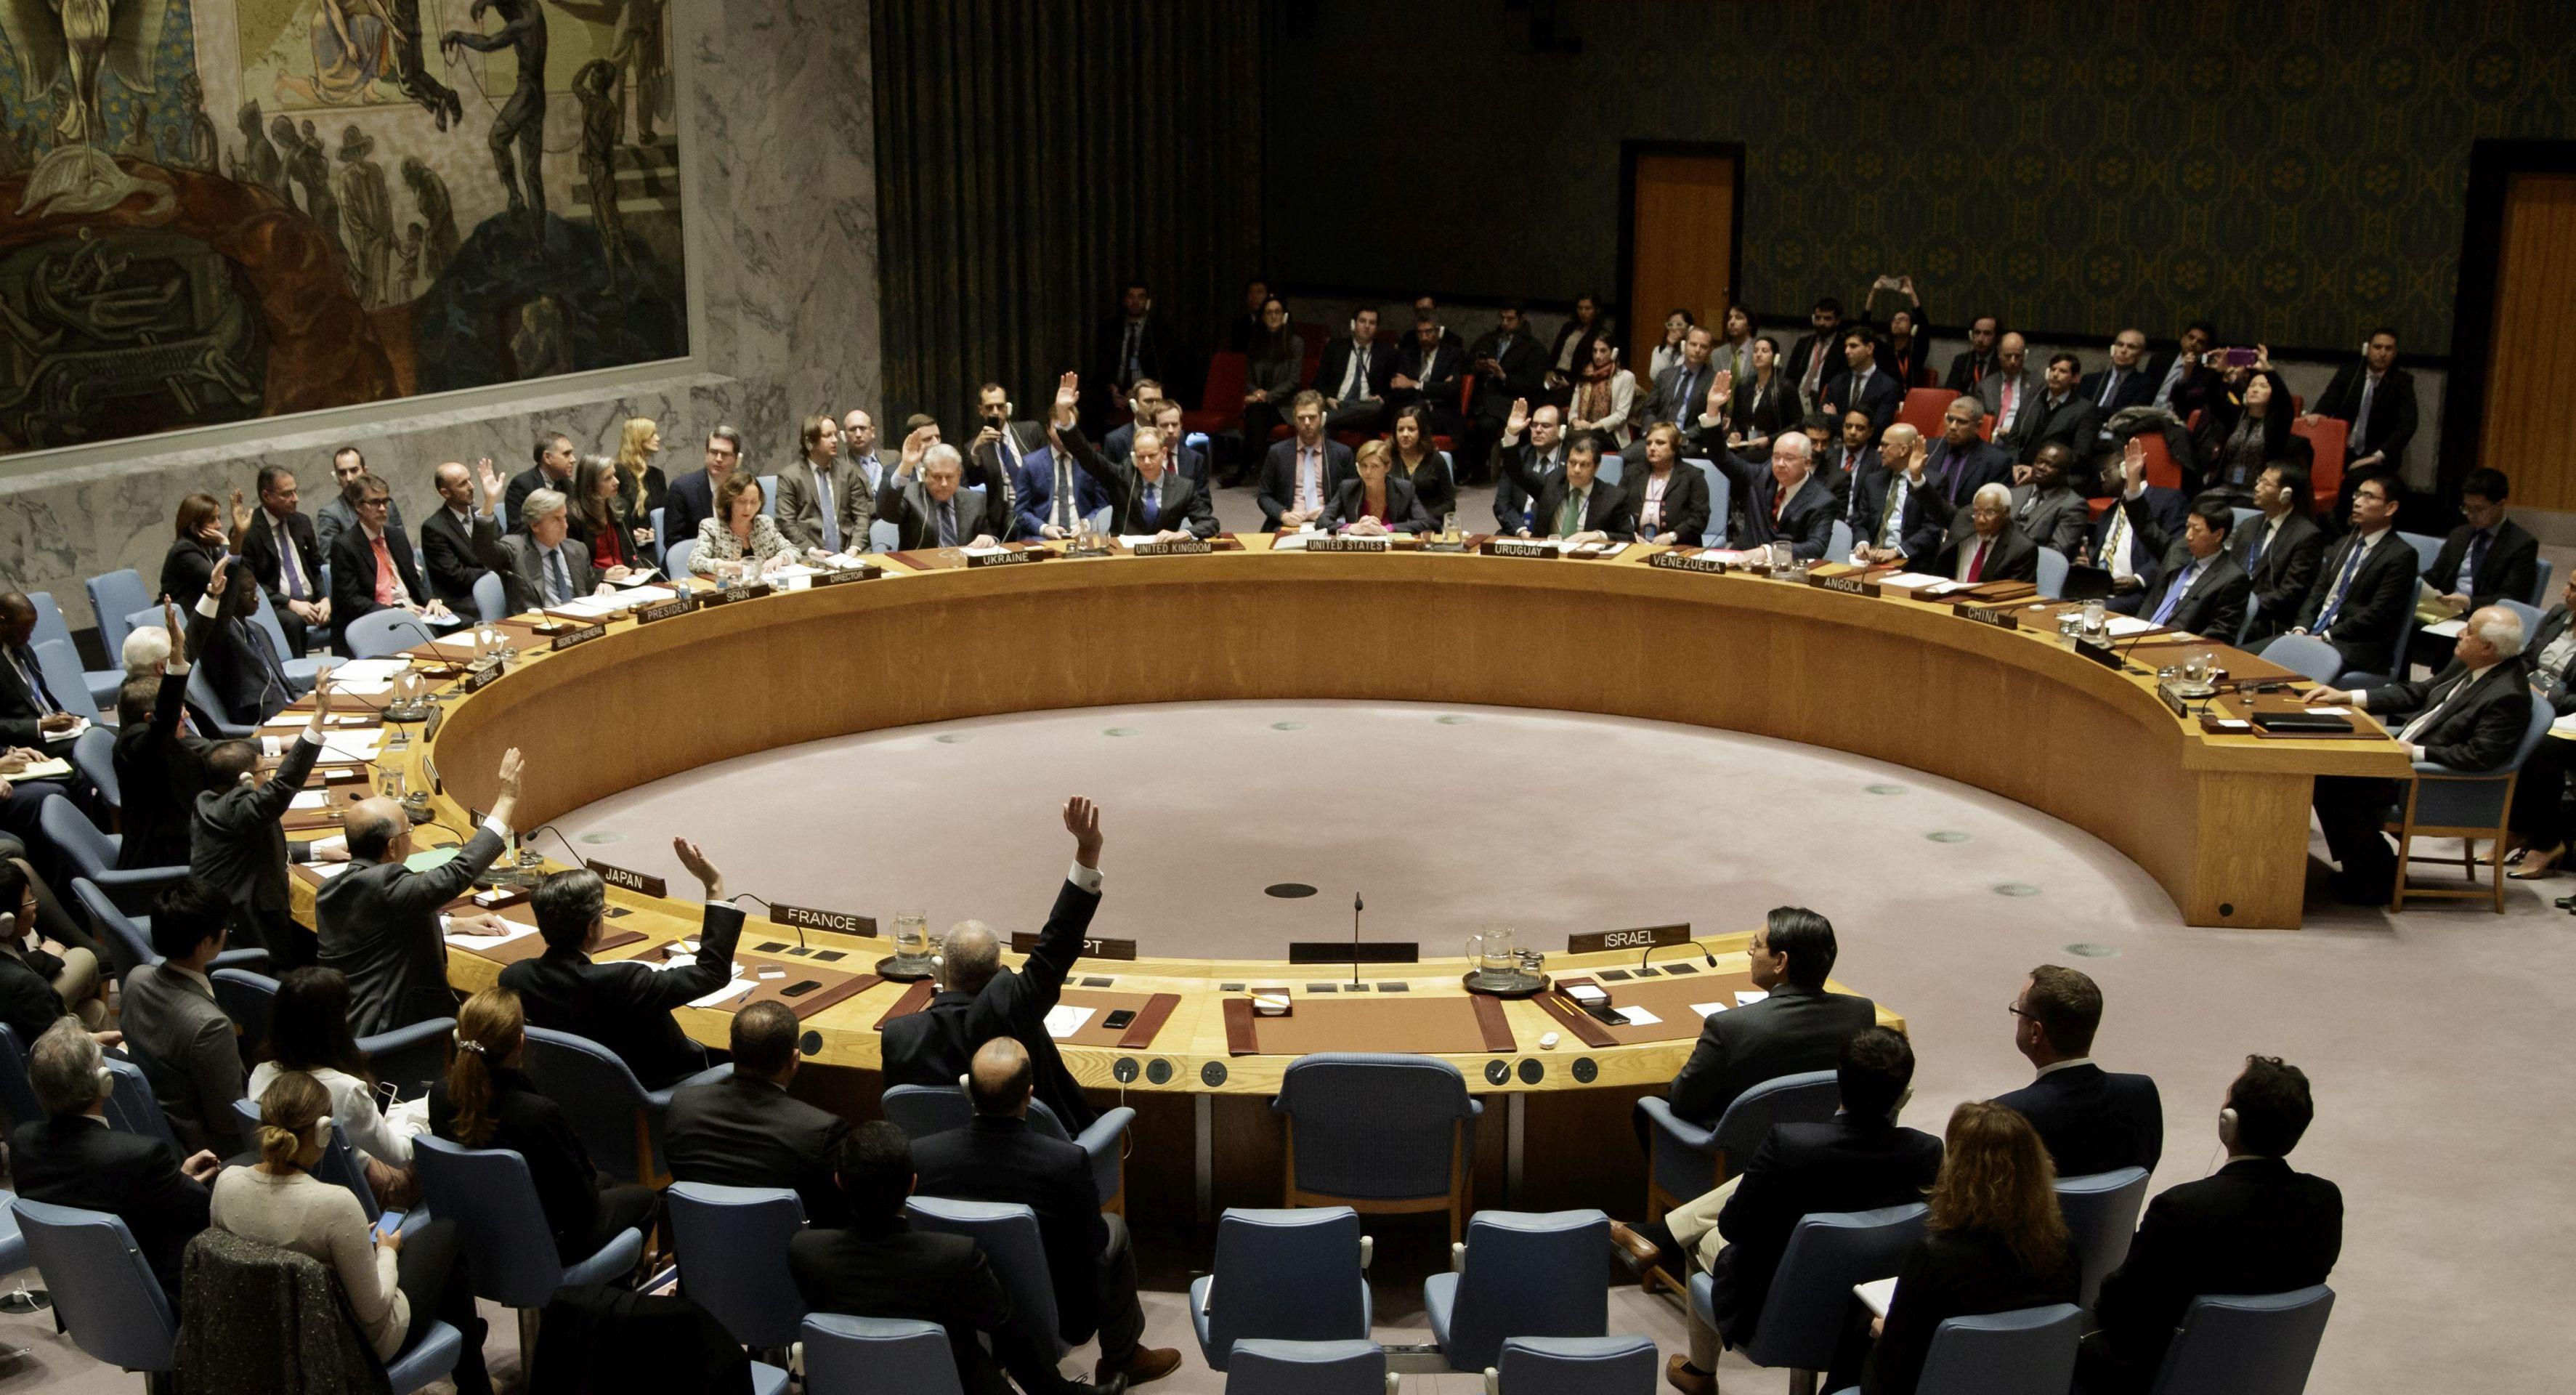 Rusija i Kina blokirale sankcije UN-a protiv Sirije